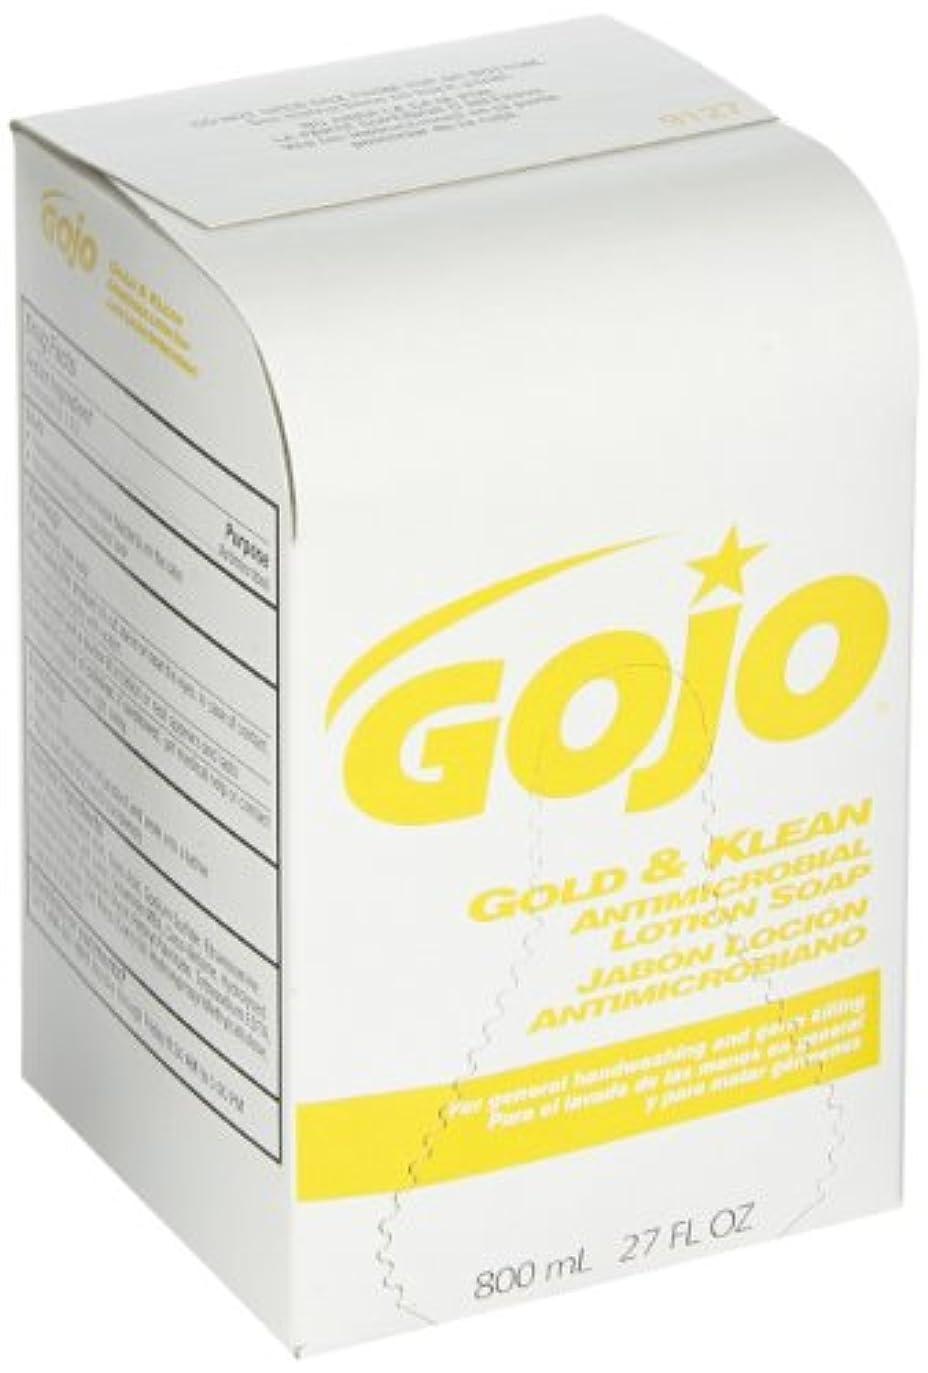 バック属する間接的ゴールド& KleanローションSoap bag-in-boxディスペンサー詰め替え、フローラルBalsam、800 ml